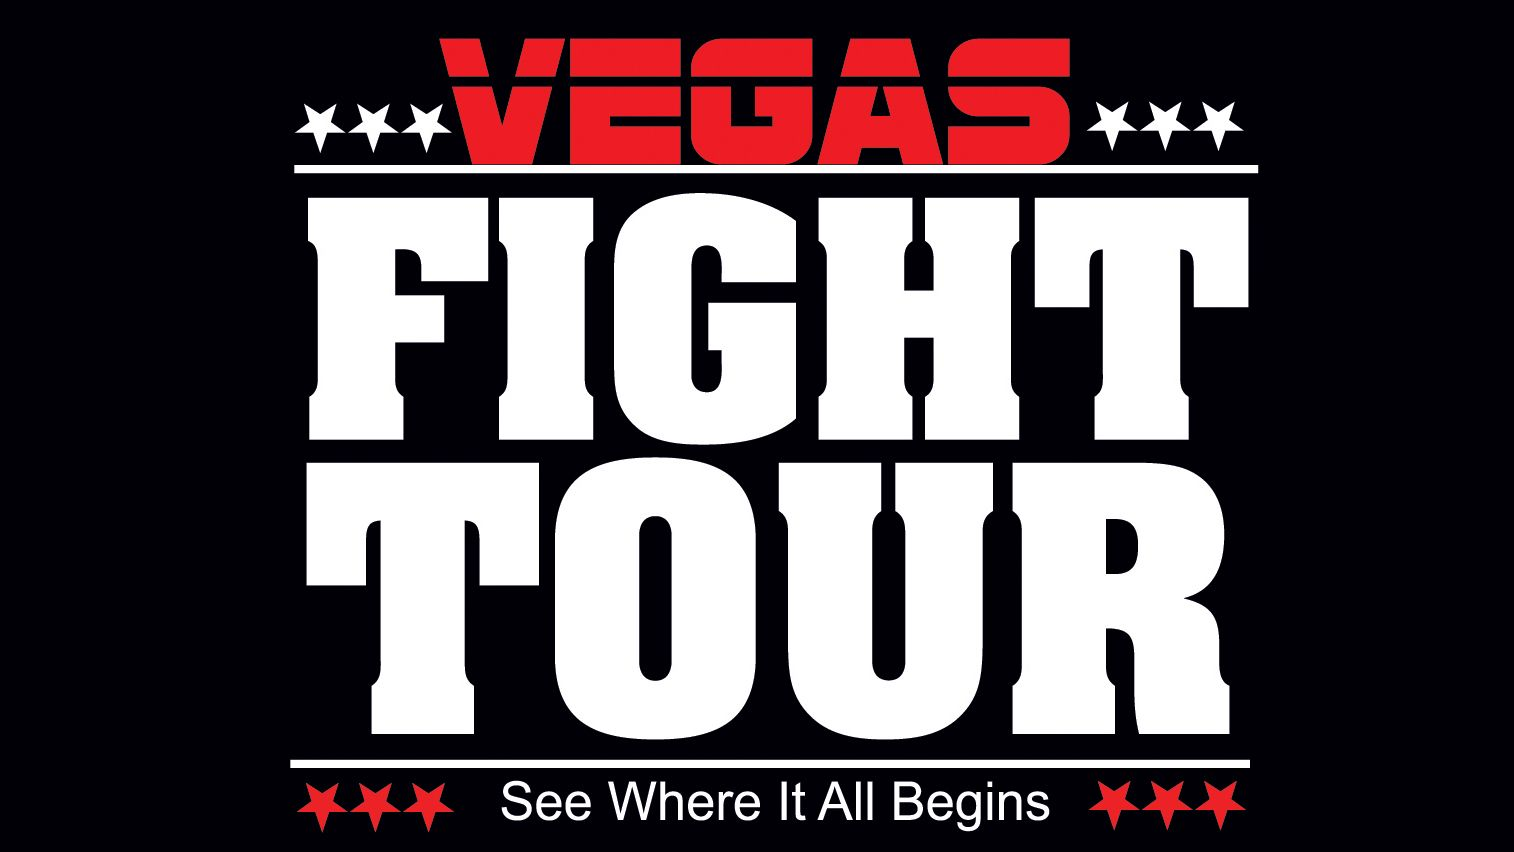 Vegas Fight Tour